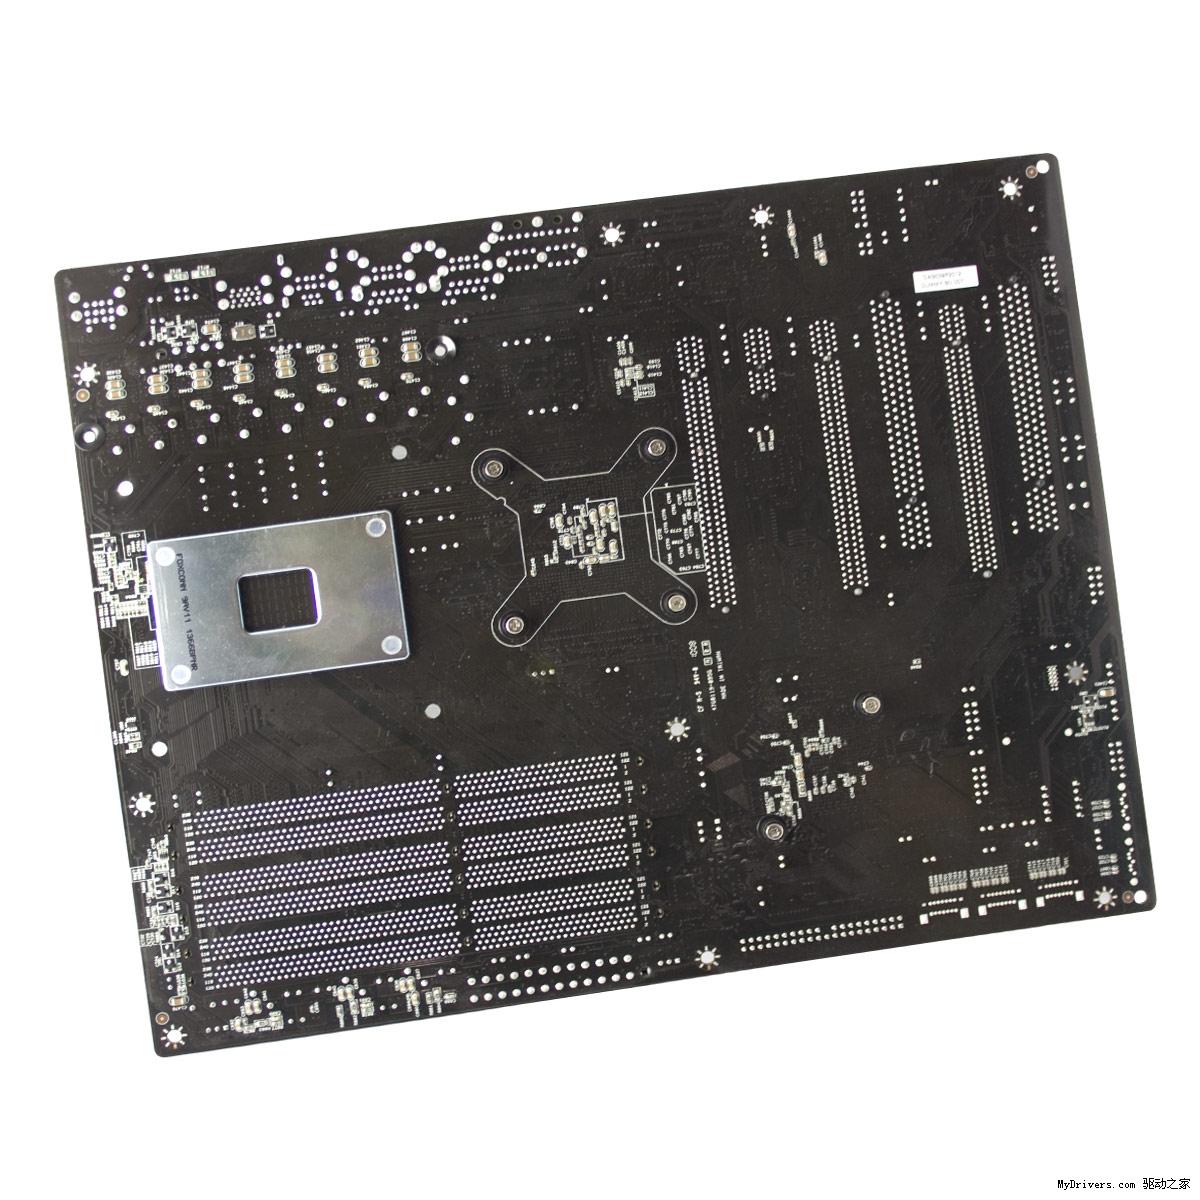 """昨天刚刚曝光,EVGA的新款高端主板""""X58 FTW3""""(For The Win)今天就正式发布了,拥有高性能玩家所追求的诸多特性。  X58 FTW为标准ATX板型主板,Intel X58+ICH10R芯片组,8+2相PWM供电设计,支持LGA1366 Core i7-900系列处理器,六条三通道DDR3内存插槽最大容量24GB、最高频率1600MHz+,扩展插槽有两条PCI、一条PCI-E x1和三条PCI-E 2."""